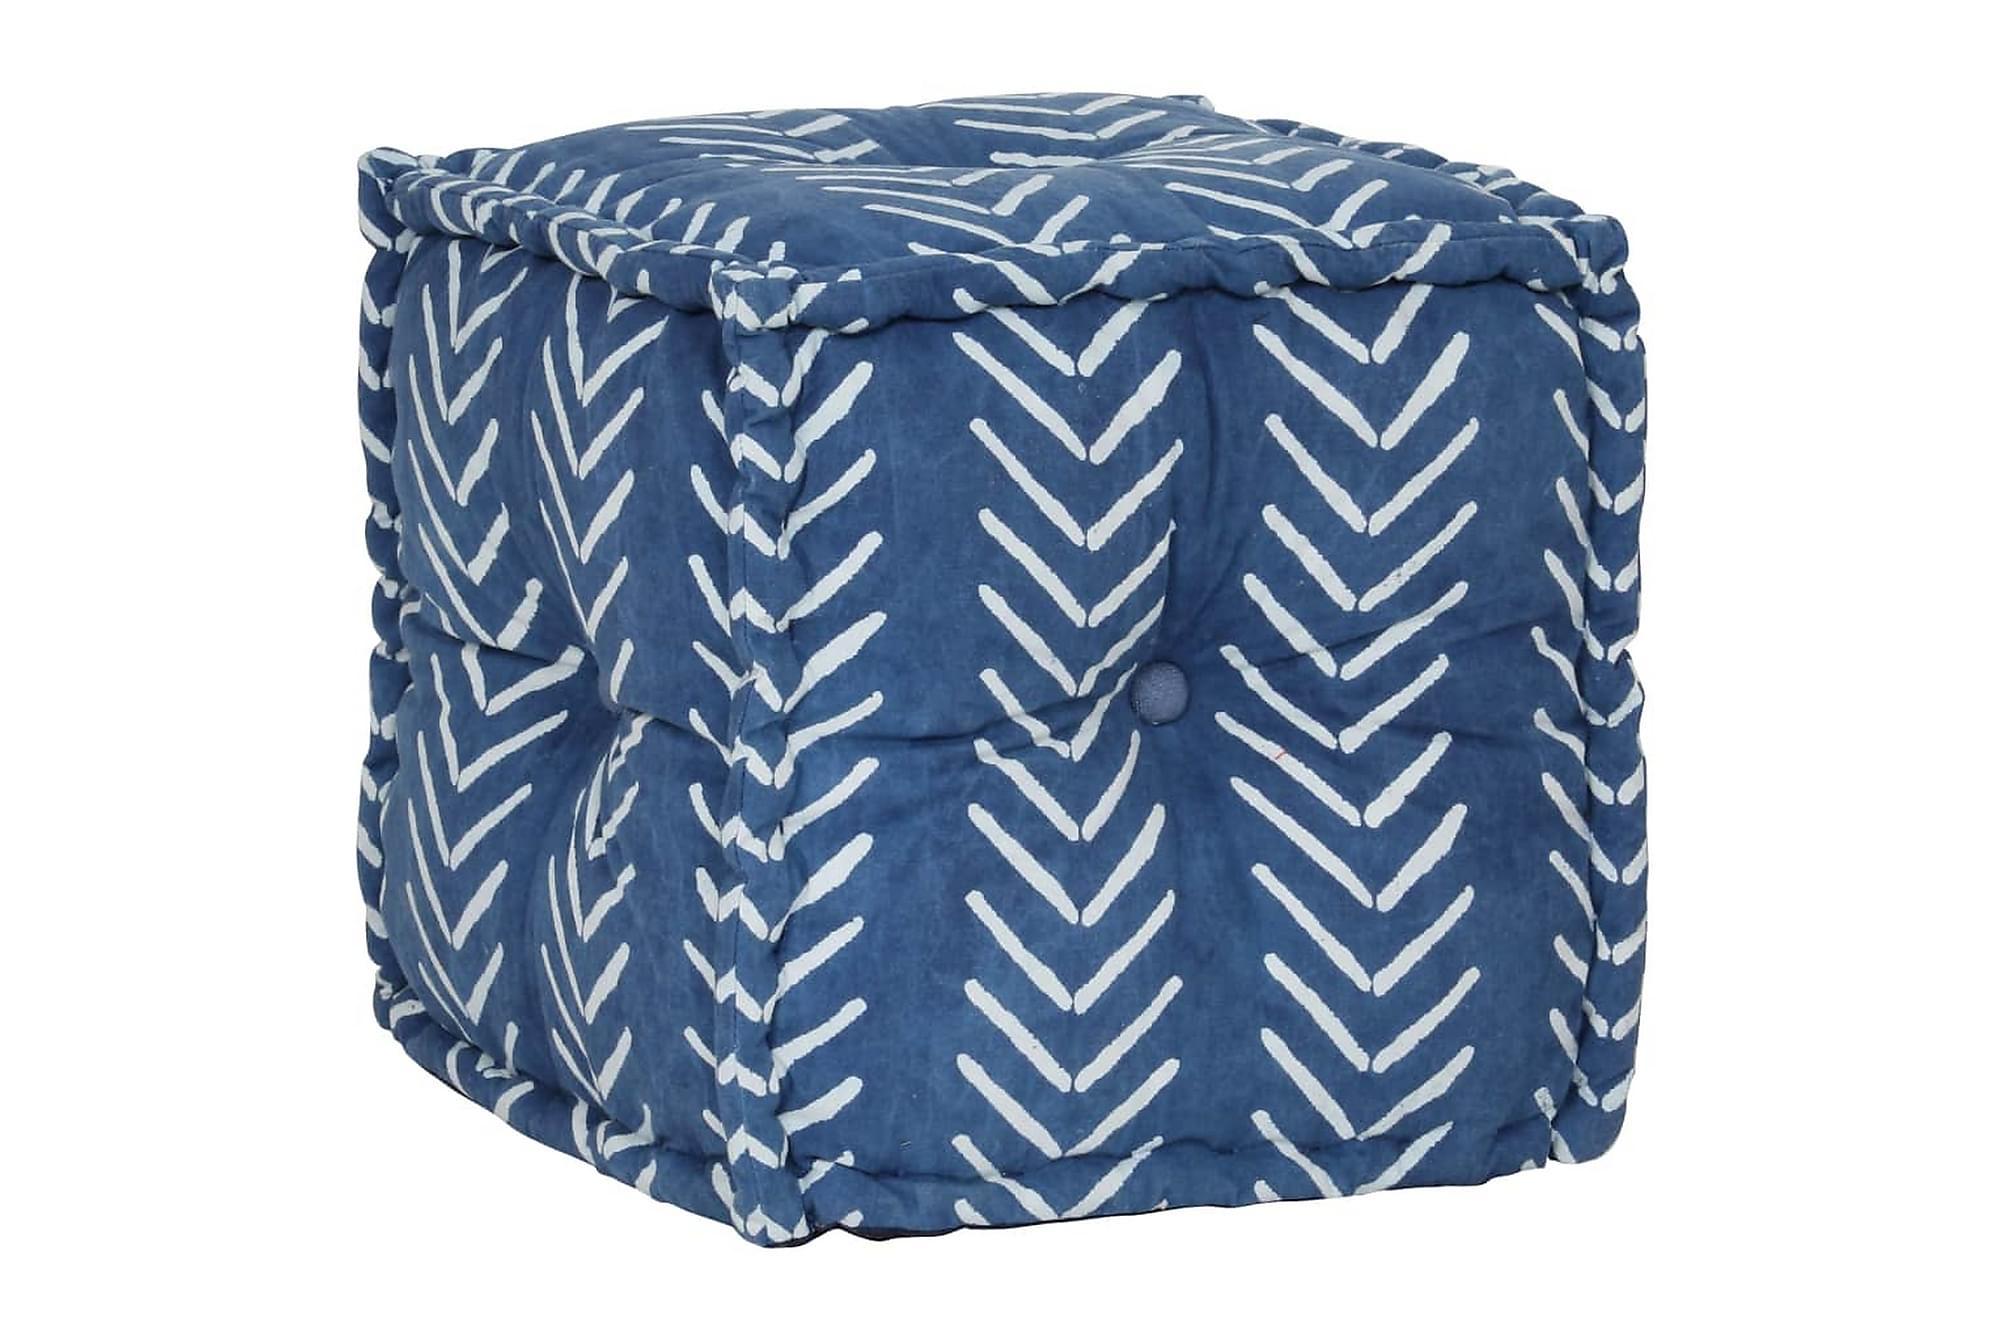 Sittpuff med mönster kub bomull handgjord 40×40 cm indigo